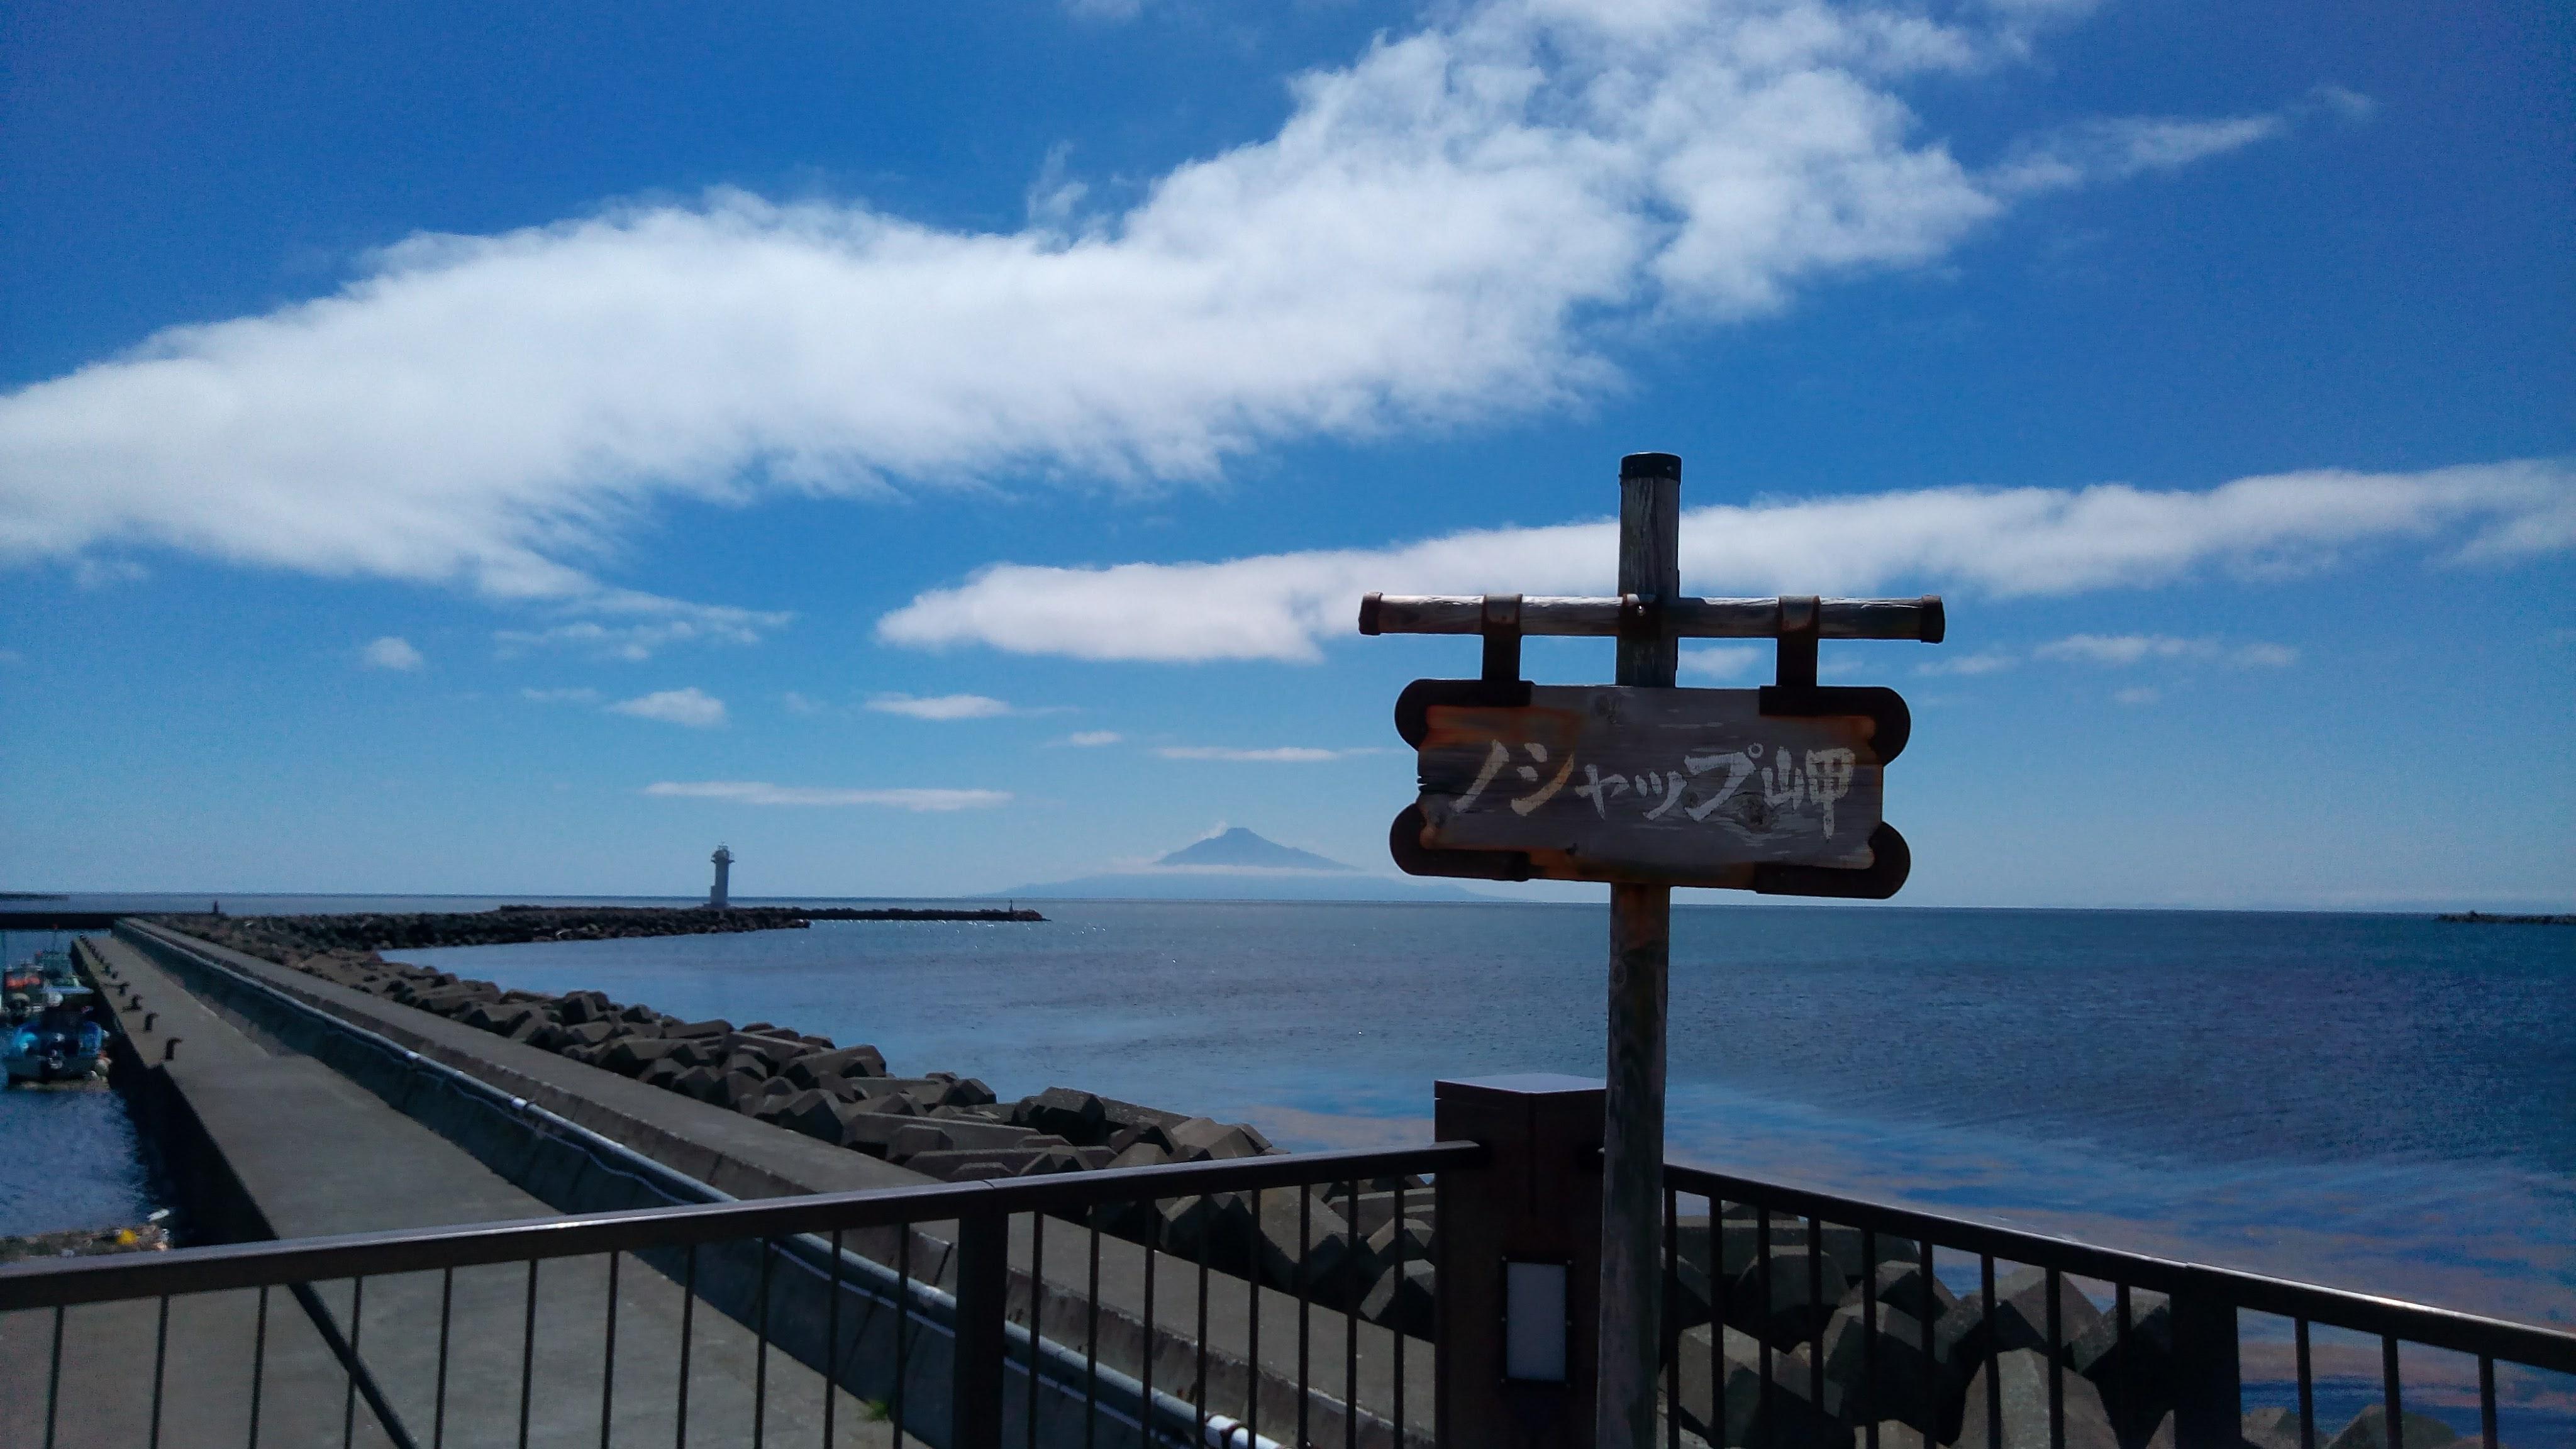 【2017年・夏の北海道】28基の風力発電、オトンルイ! Vol.4